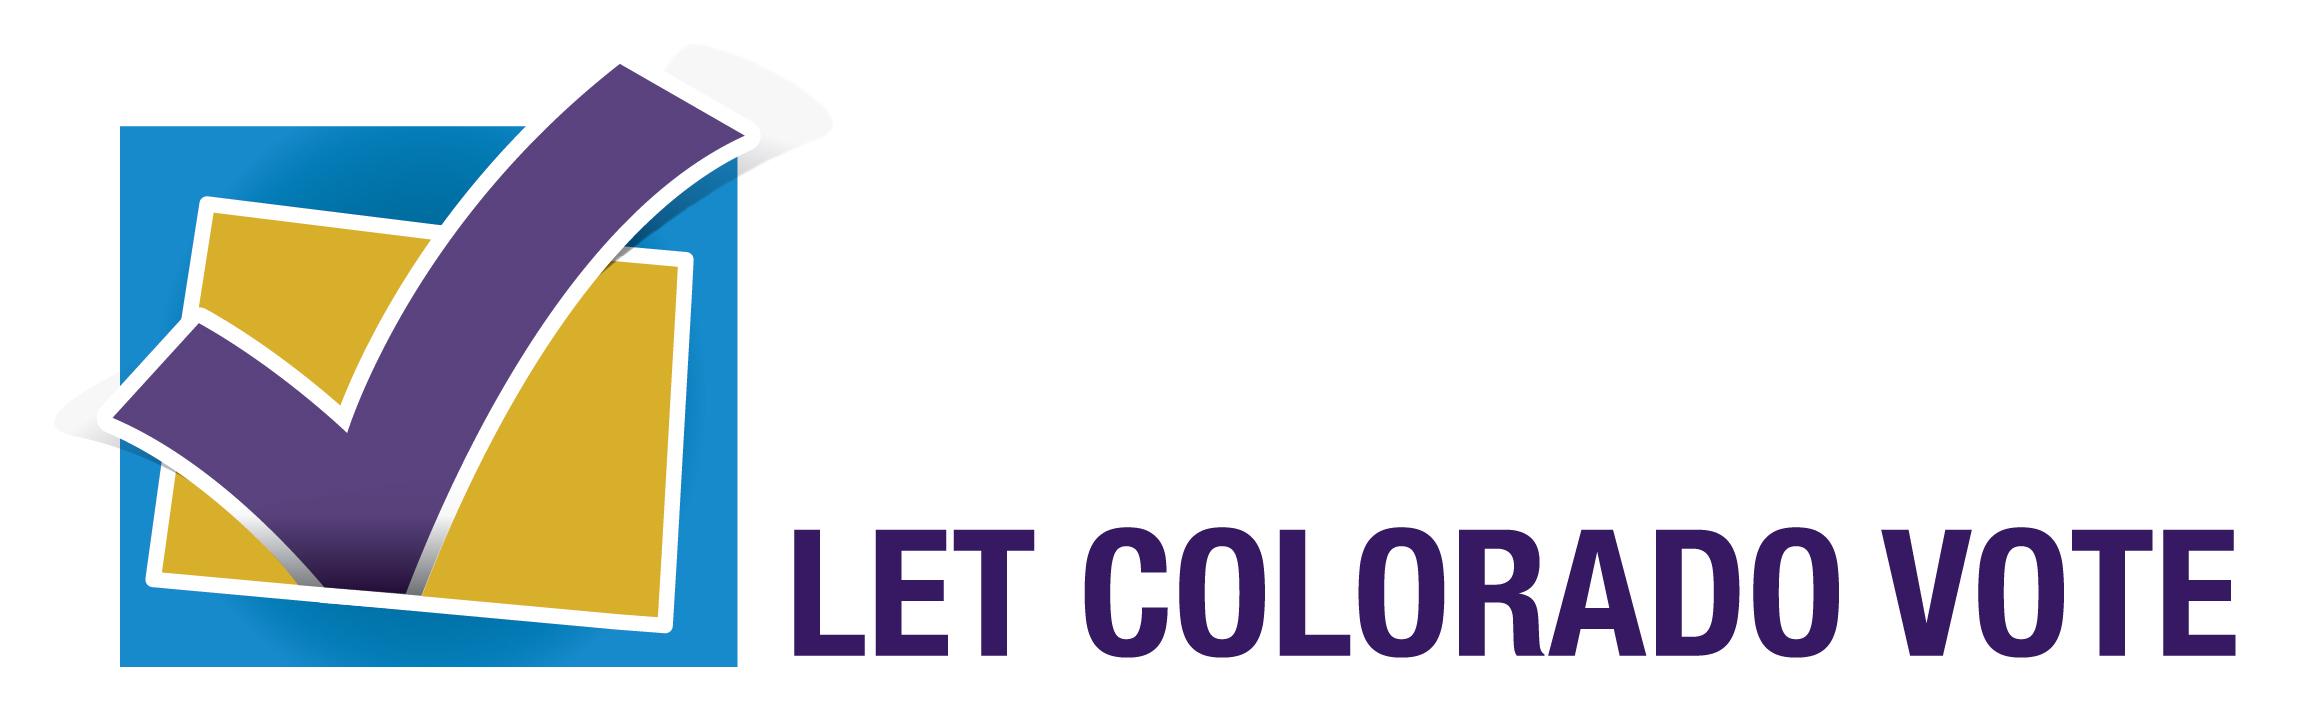 Let Colorado Vote 2016 logo